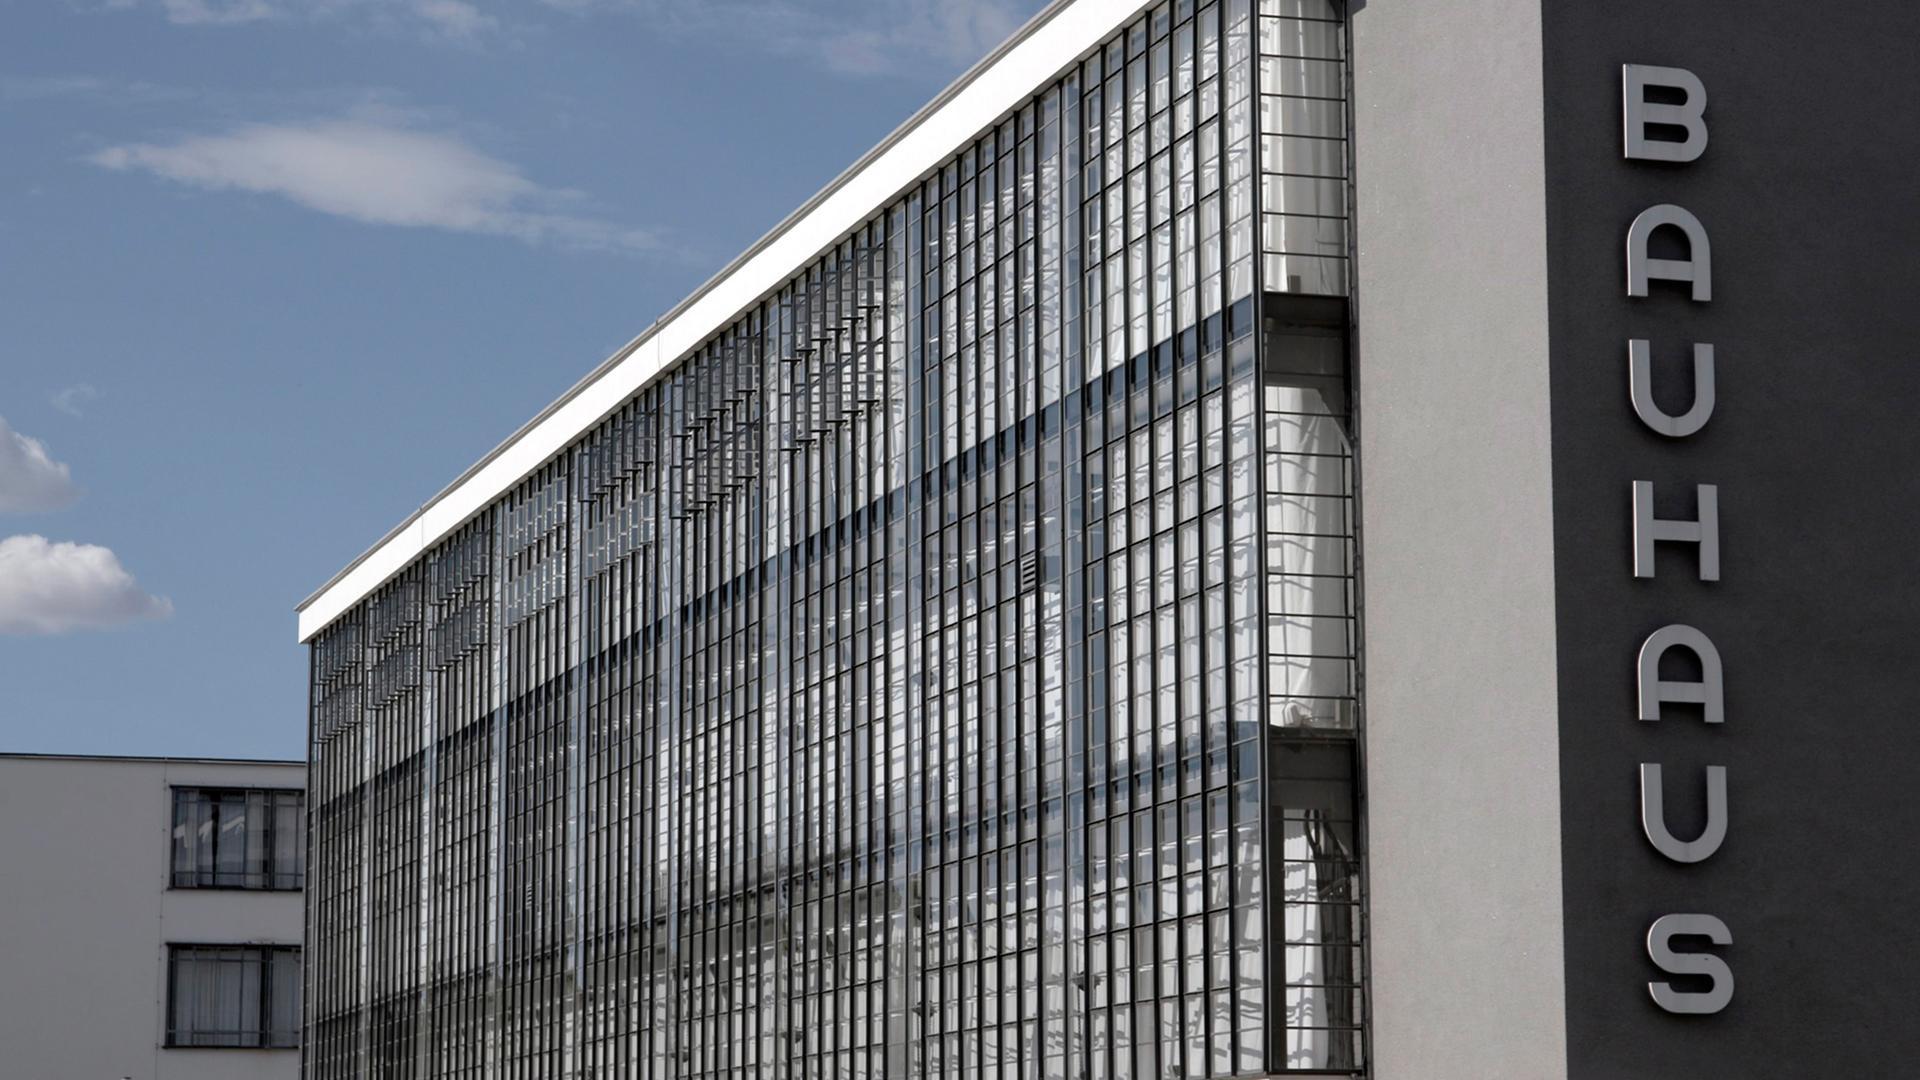 Heutede Interview Bauhaus Bauten Nicht Nur Für Die Reichen